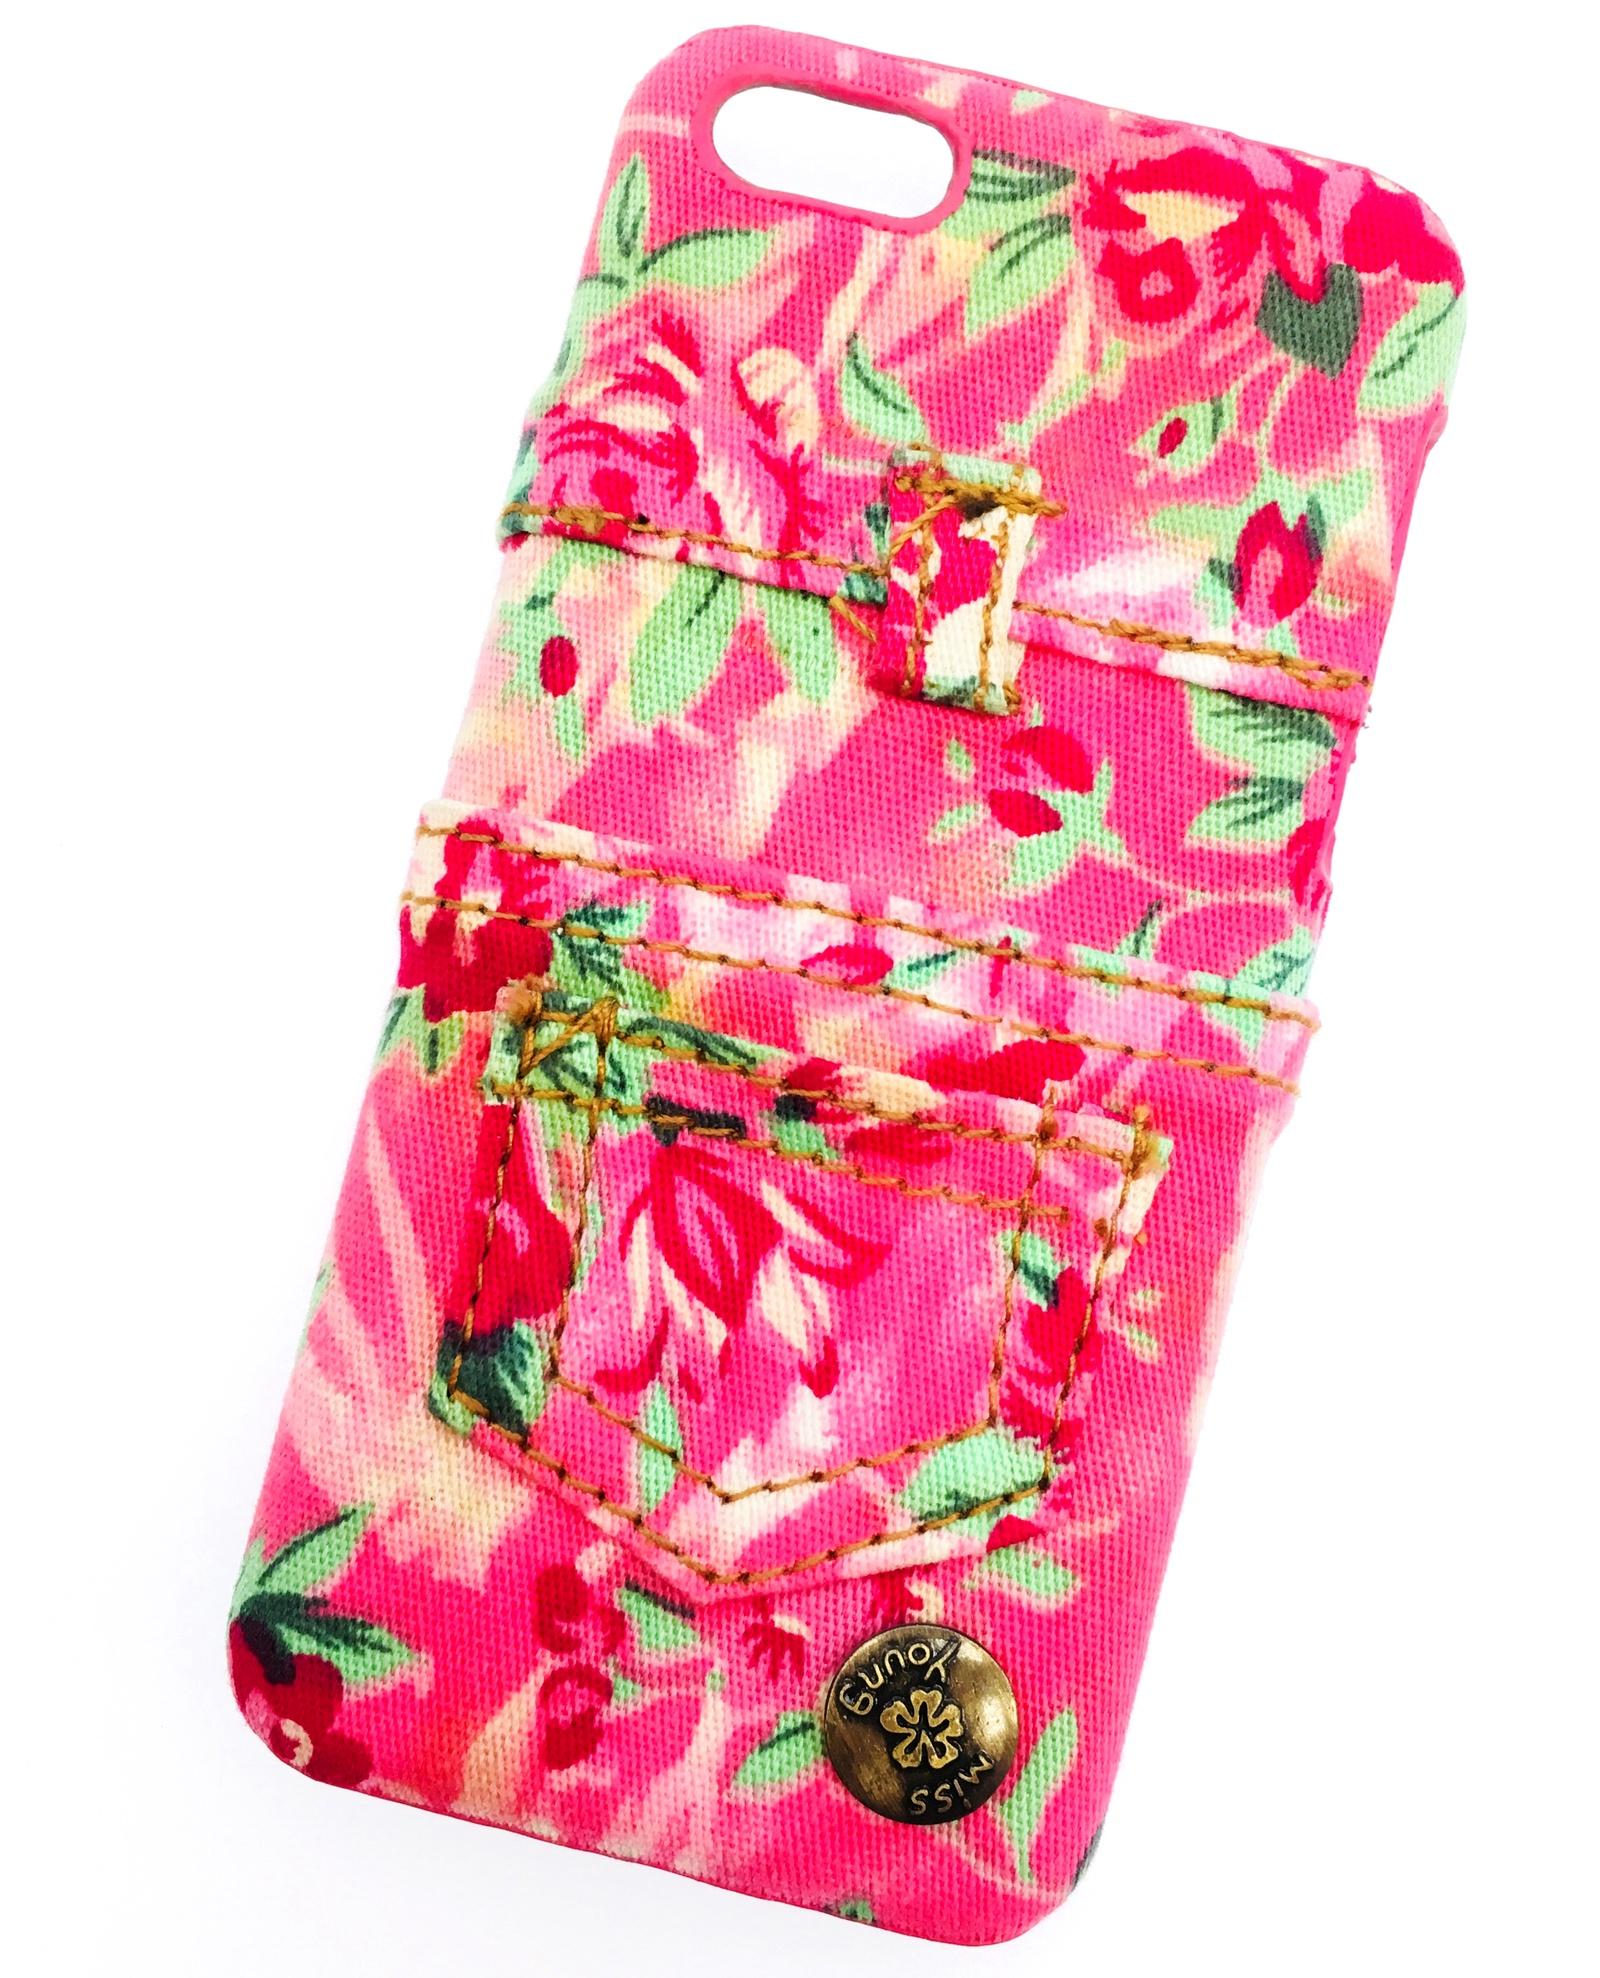 Чехол для сотового телефона Мобильная мода iPhone 5C Накладка пластиковая с кармашком и тканевой отделкой, розовый чехол для сотового телефона мобильная мода samsung s9 чехол книжка пластиковая под оригинал 1533 розовый